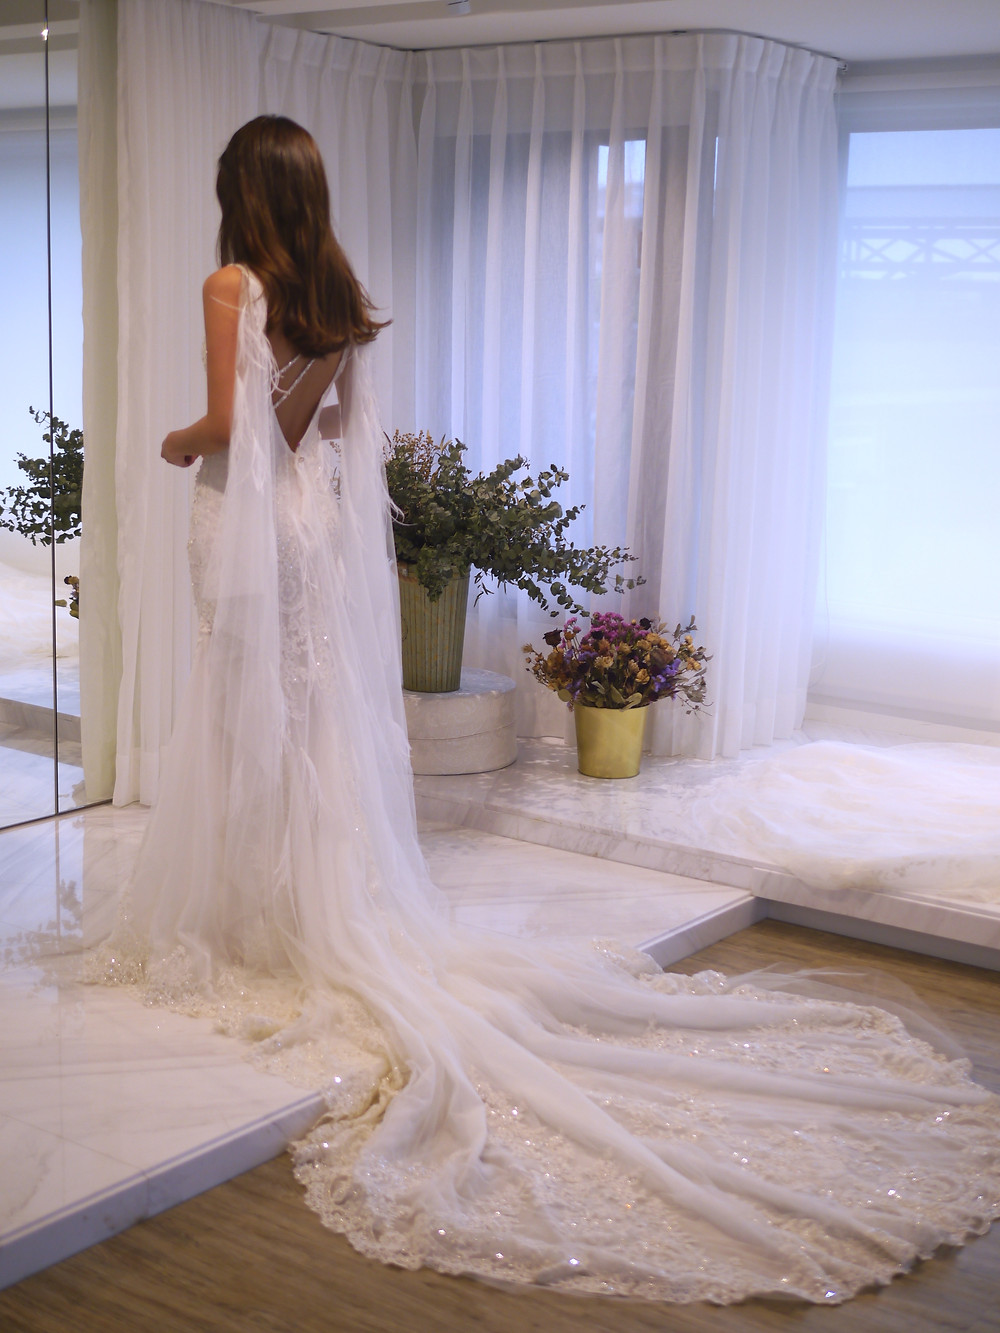 #鴕鳥毛女神款 #大美背斜肩裝飾 #華麗魚尾裙 #圖騰蕾絲 #整件手工珠飾設計